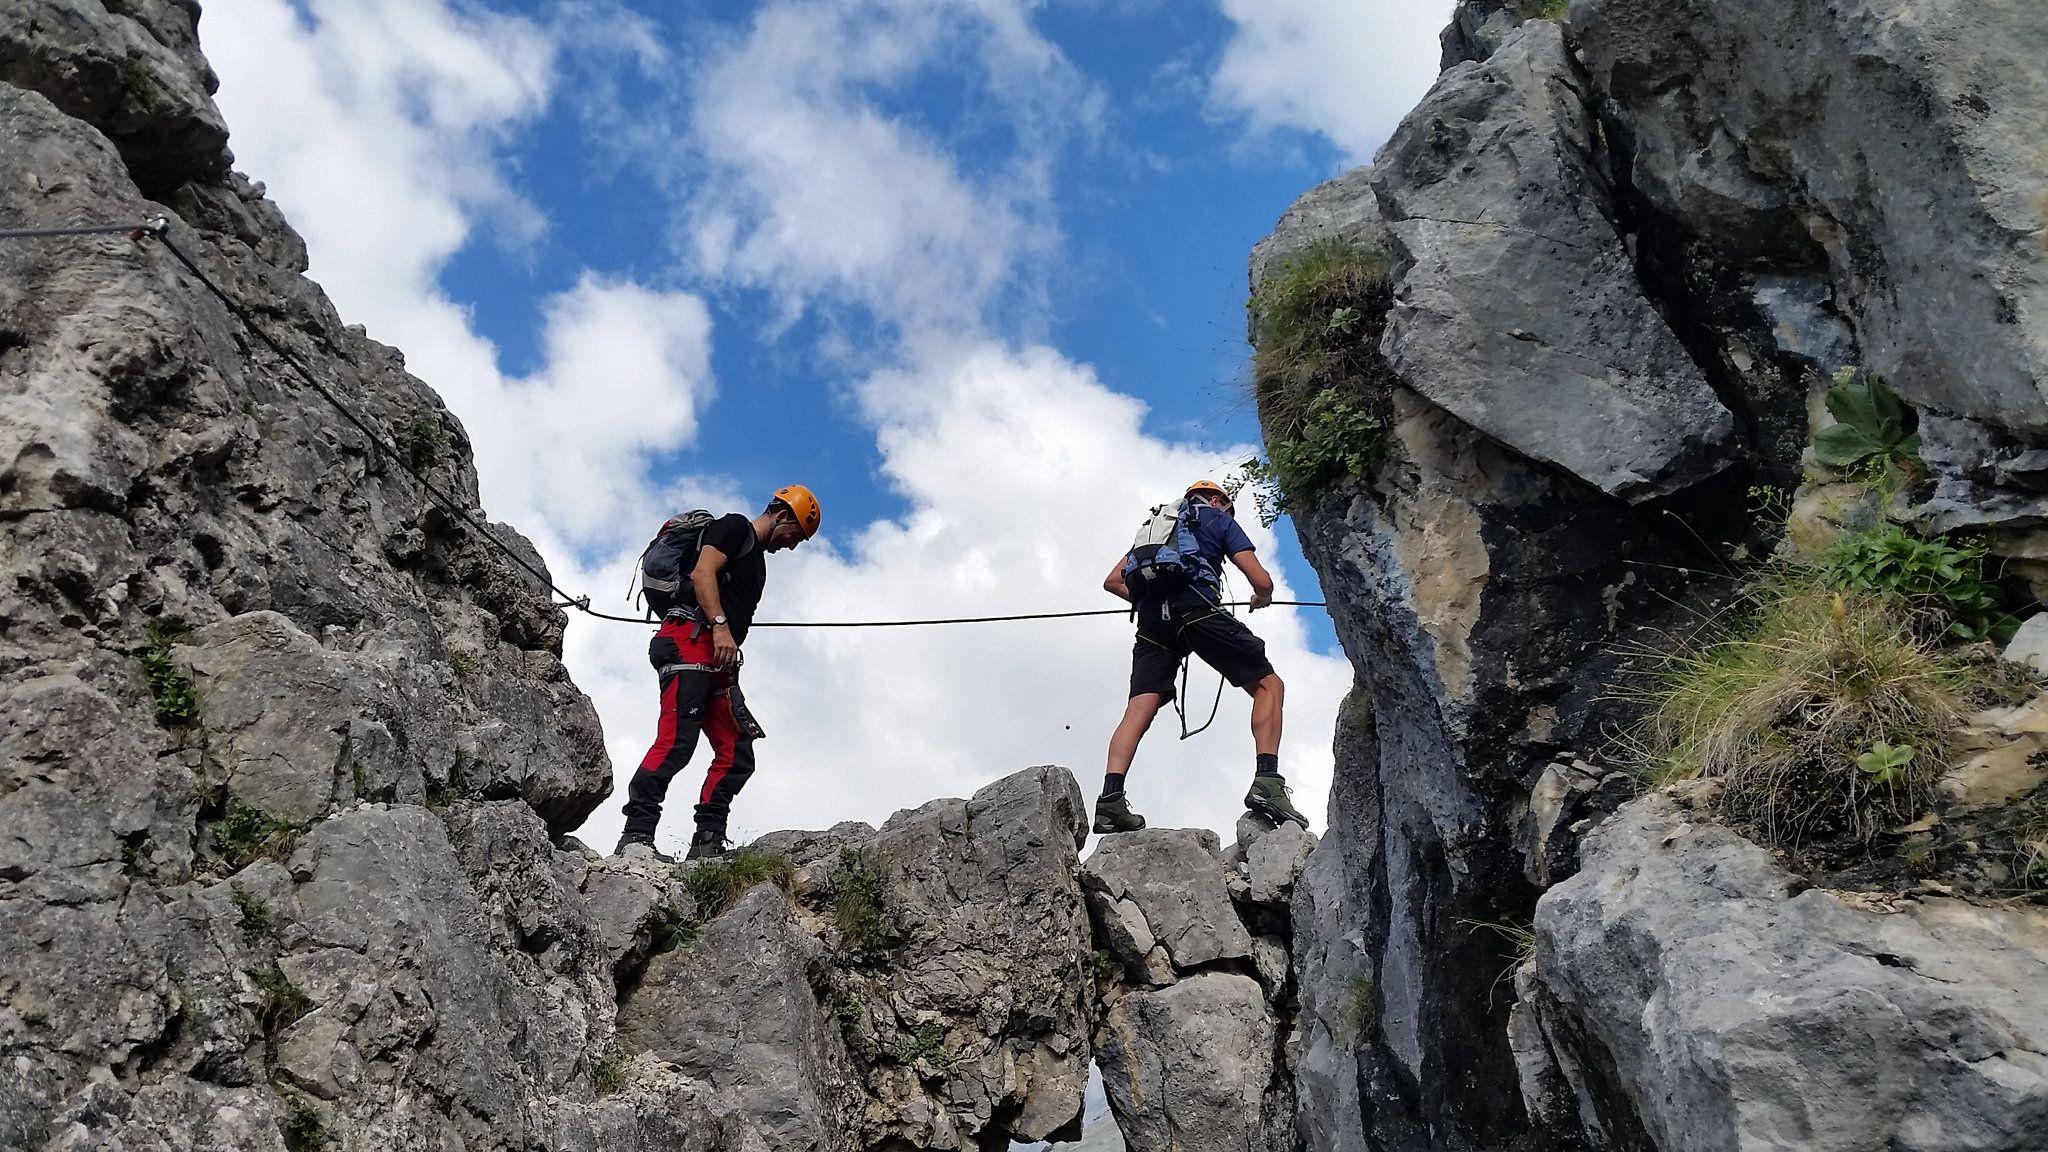 Bergtour Bettelwurf Berg, Karwendel und Klettersteig